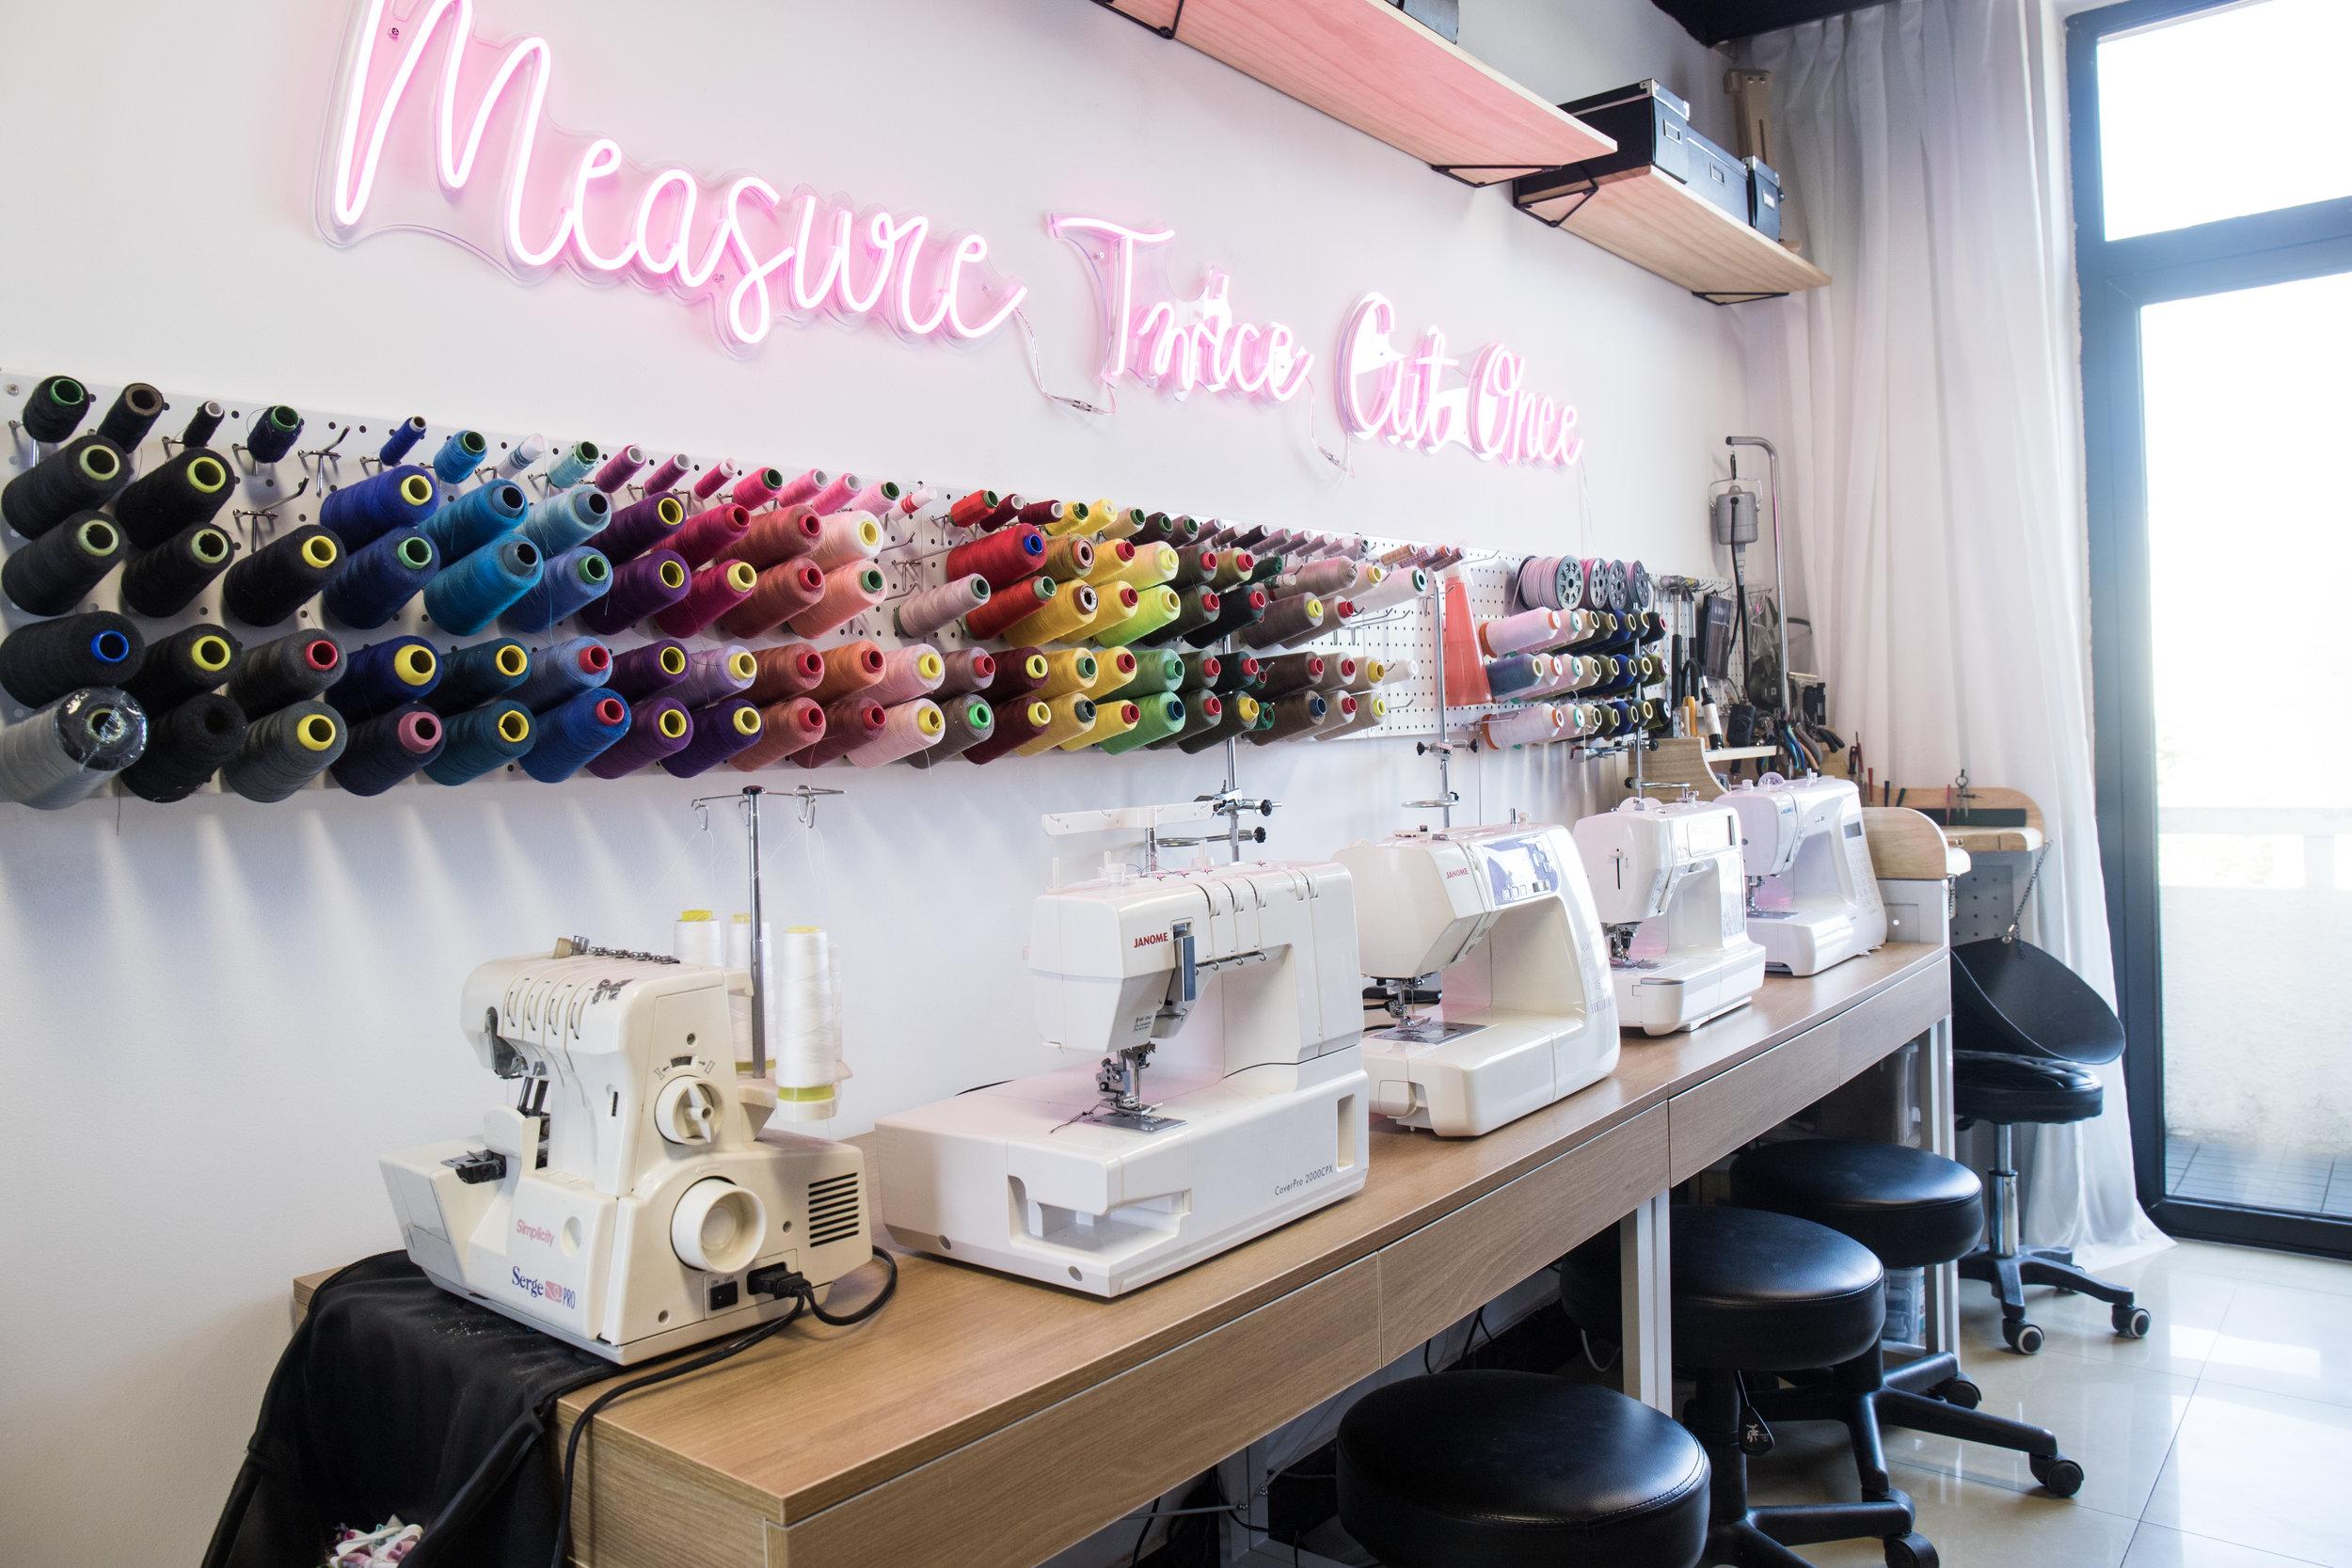 Rows of Sewing Machines.jpg